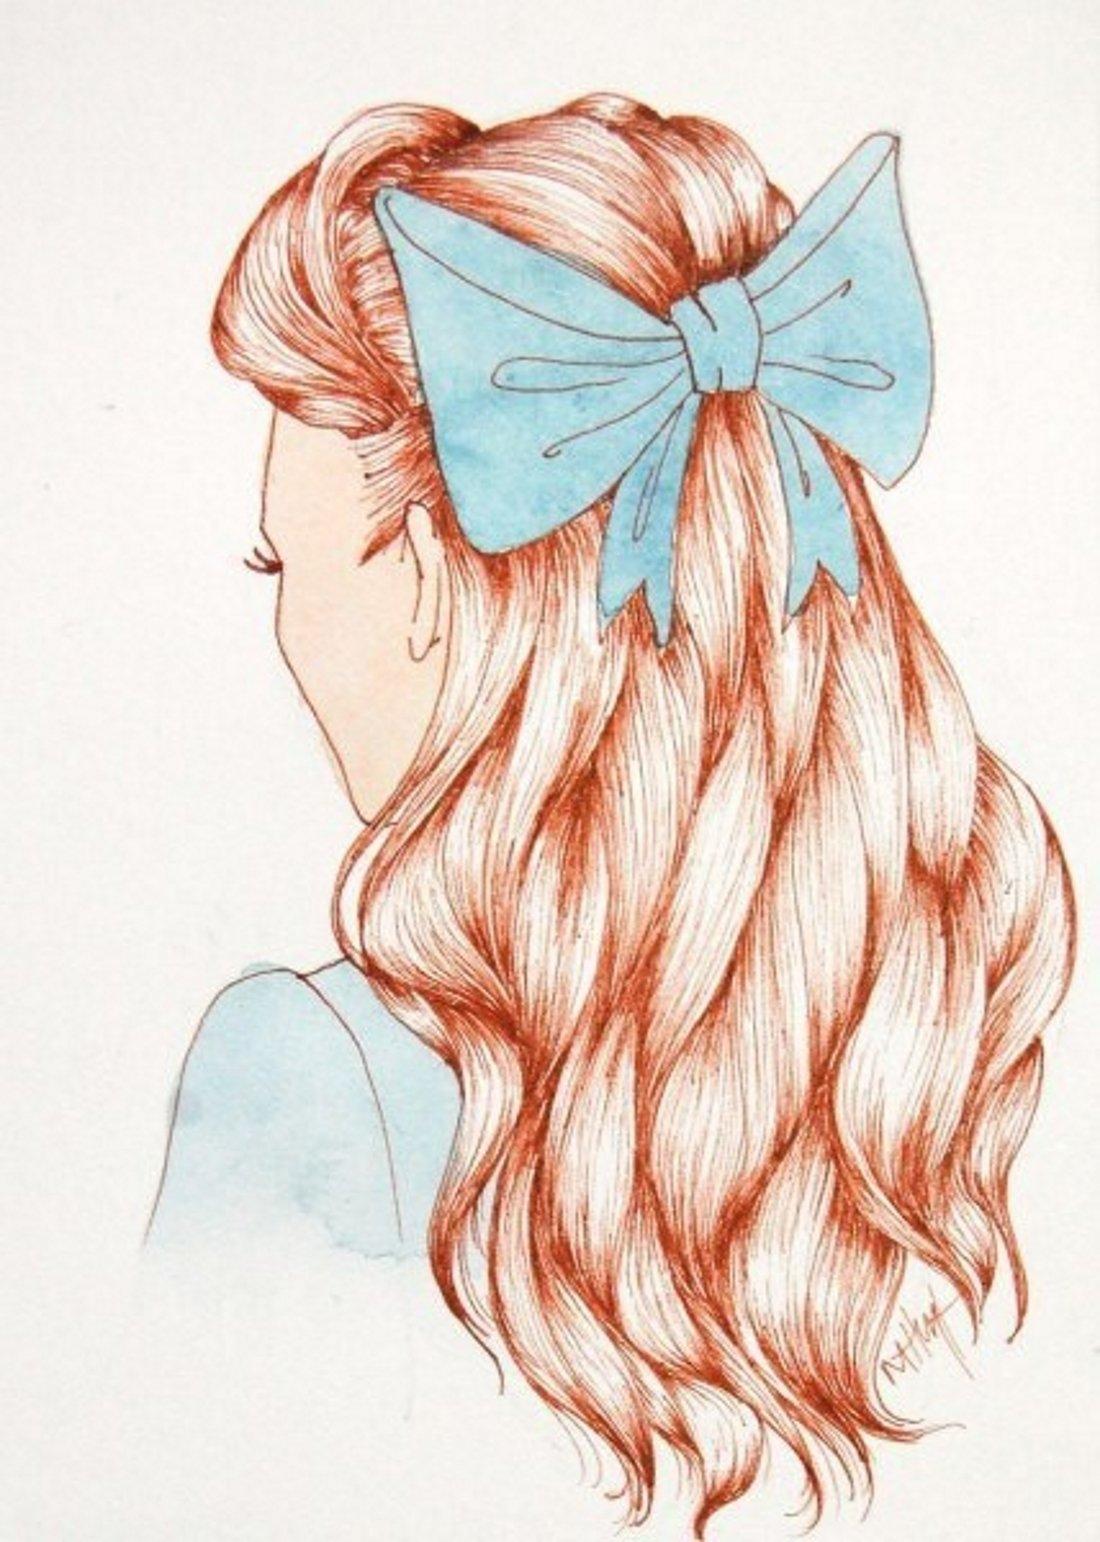 Прикольные рисунки для срисовки для девочек 13 лет, солнышка картинки